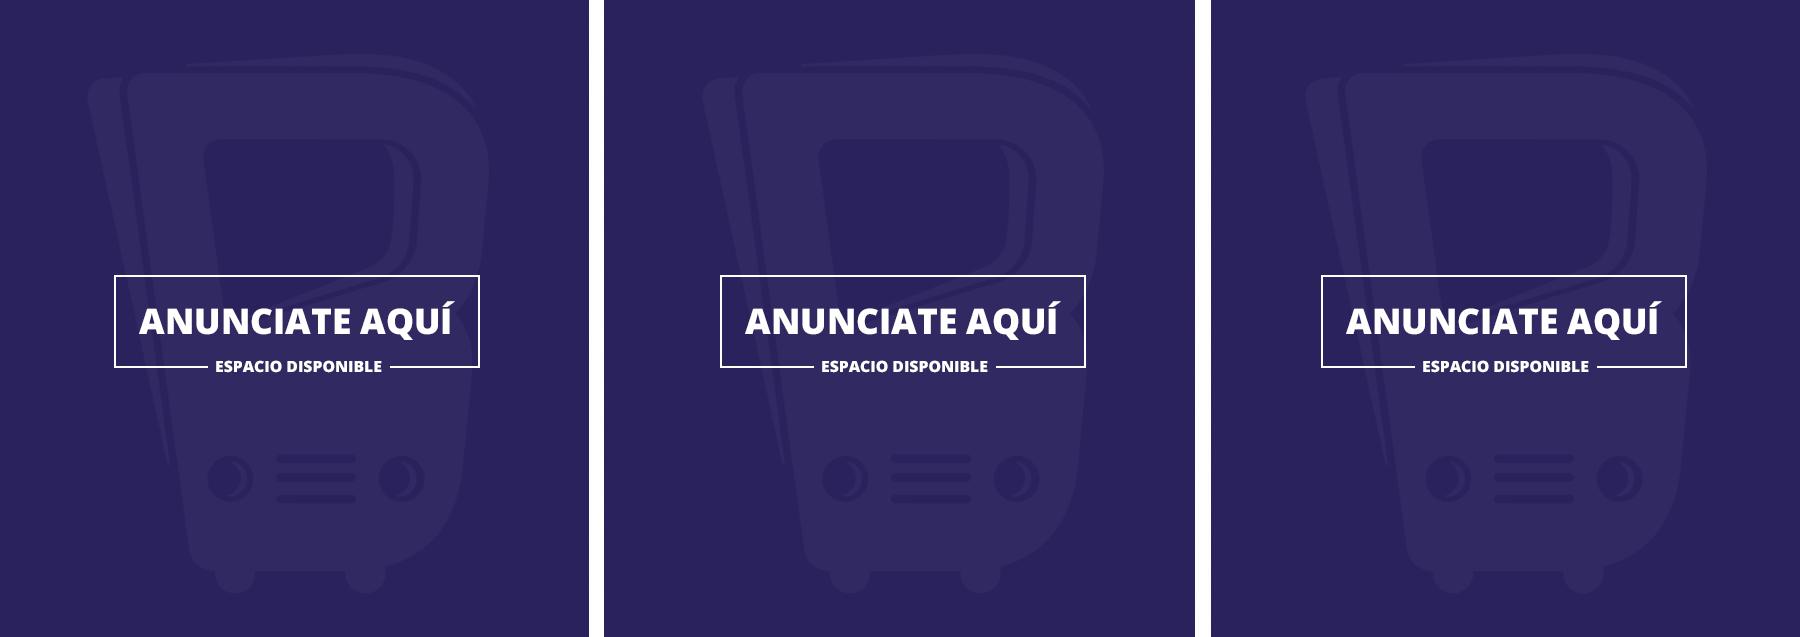 Servicios / anuncios bonchebus